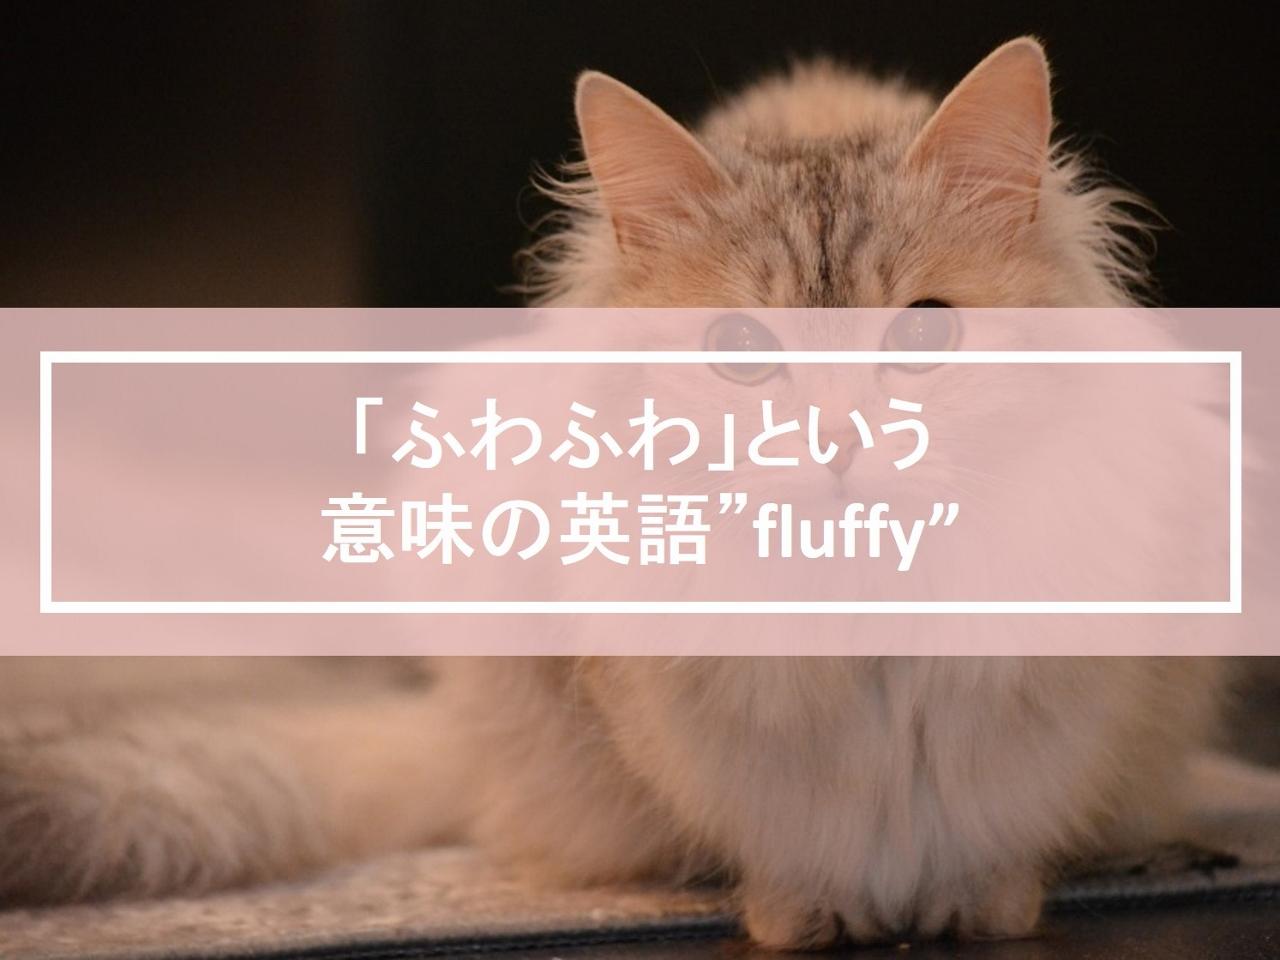 """「ふわふわ」という意味の英語""""fluffy""""の使い方・例文"""